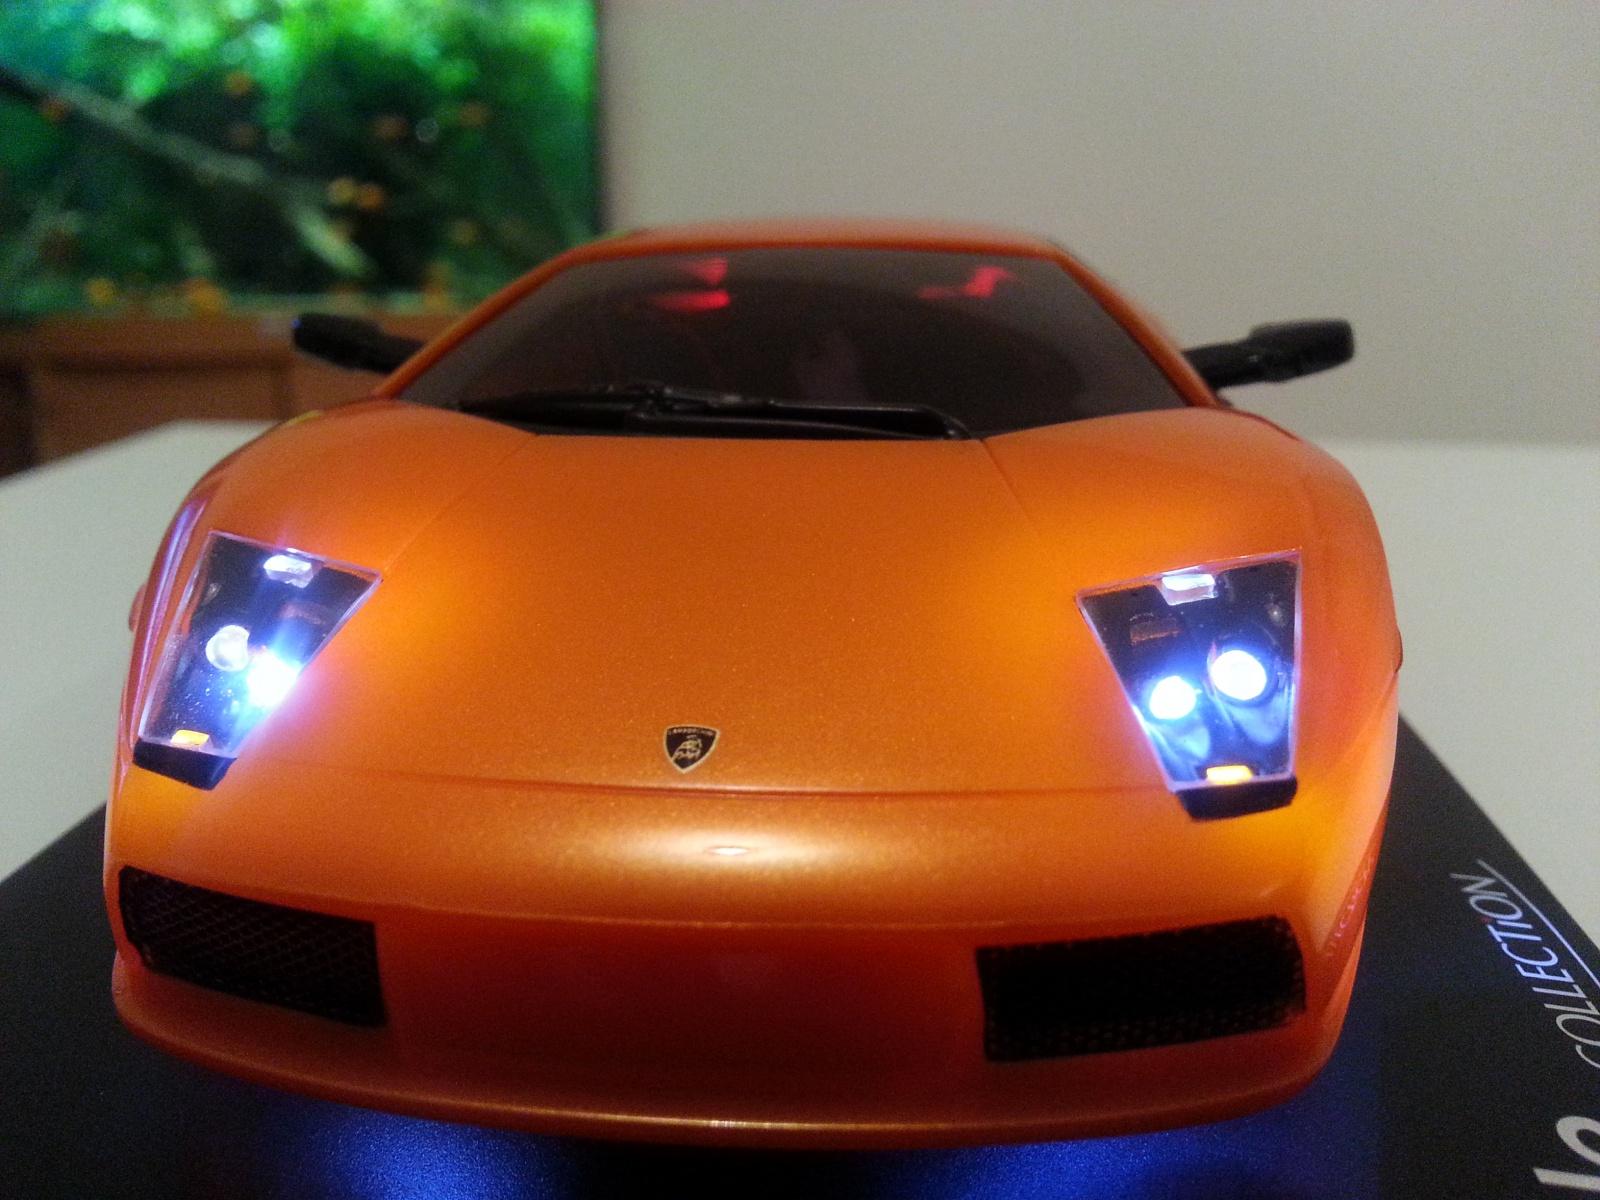 Kit lumières Atomic sur quelle carrosserie? 17996020130316195040